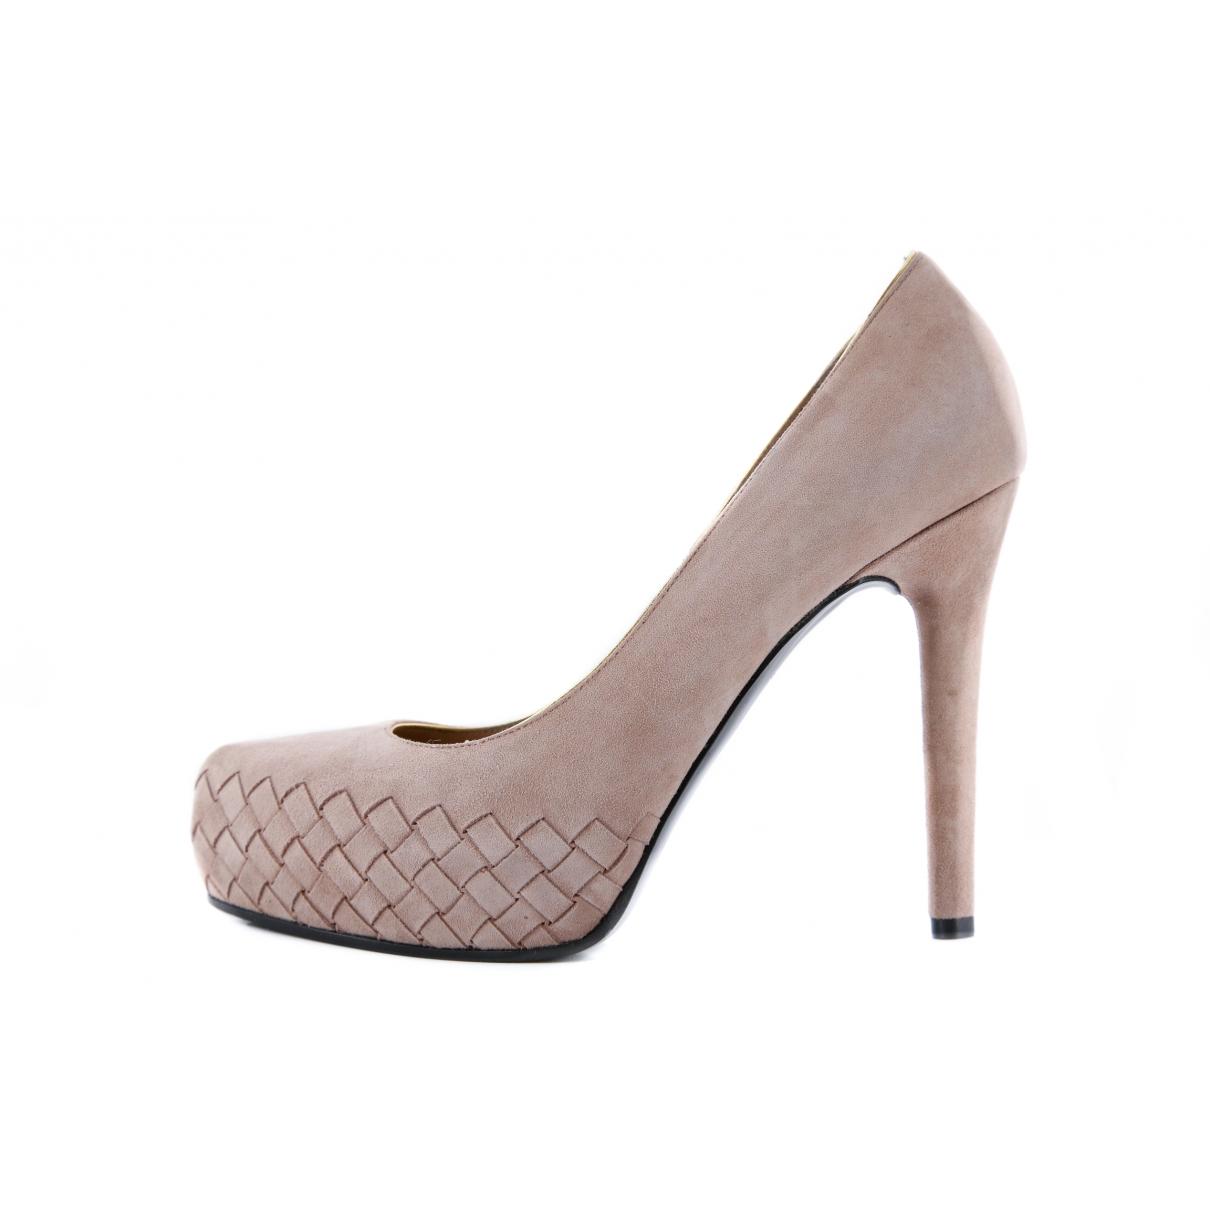 Bottega Veneta \N Pink Suede Heels for Women 39 EU